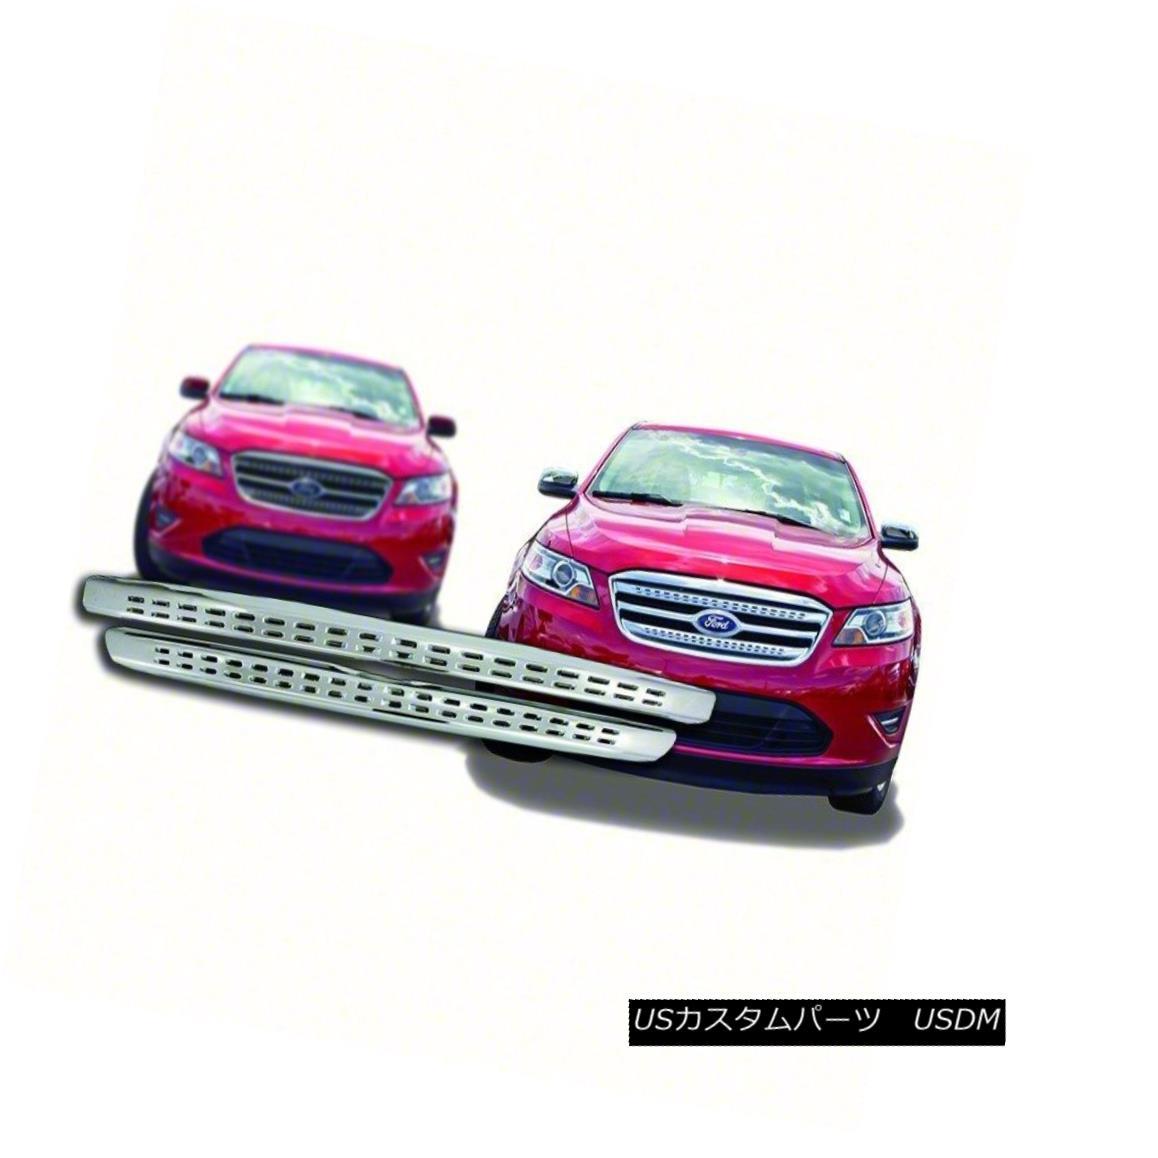 グリル Fits 2010-12 Ford Taurus-Chrome Grille Overlay-IWCGI108 フィット2010-12 Ford Taurus-Chromeグリルオーバーレイ-IWCGI1 08